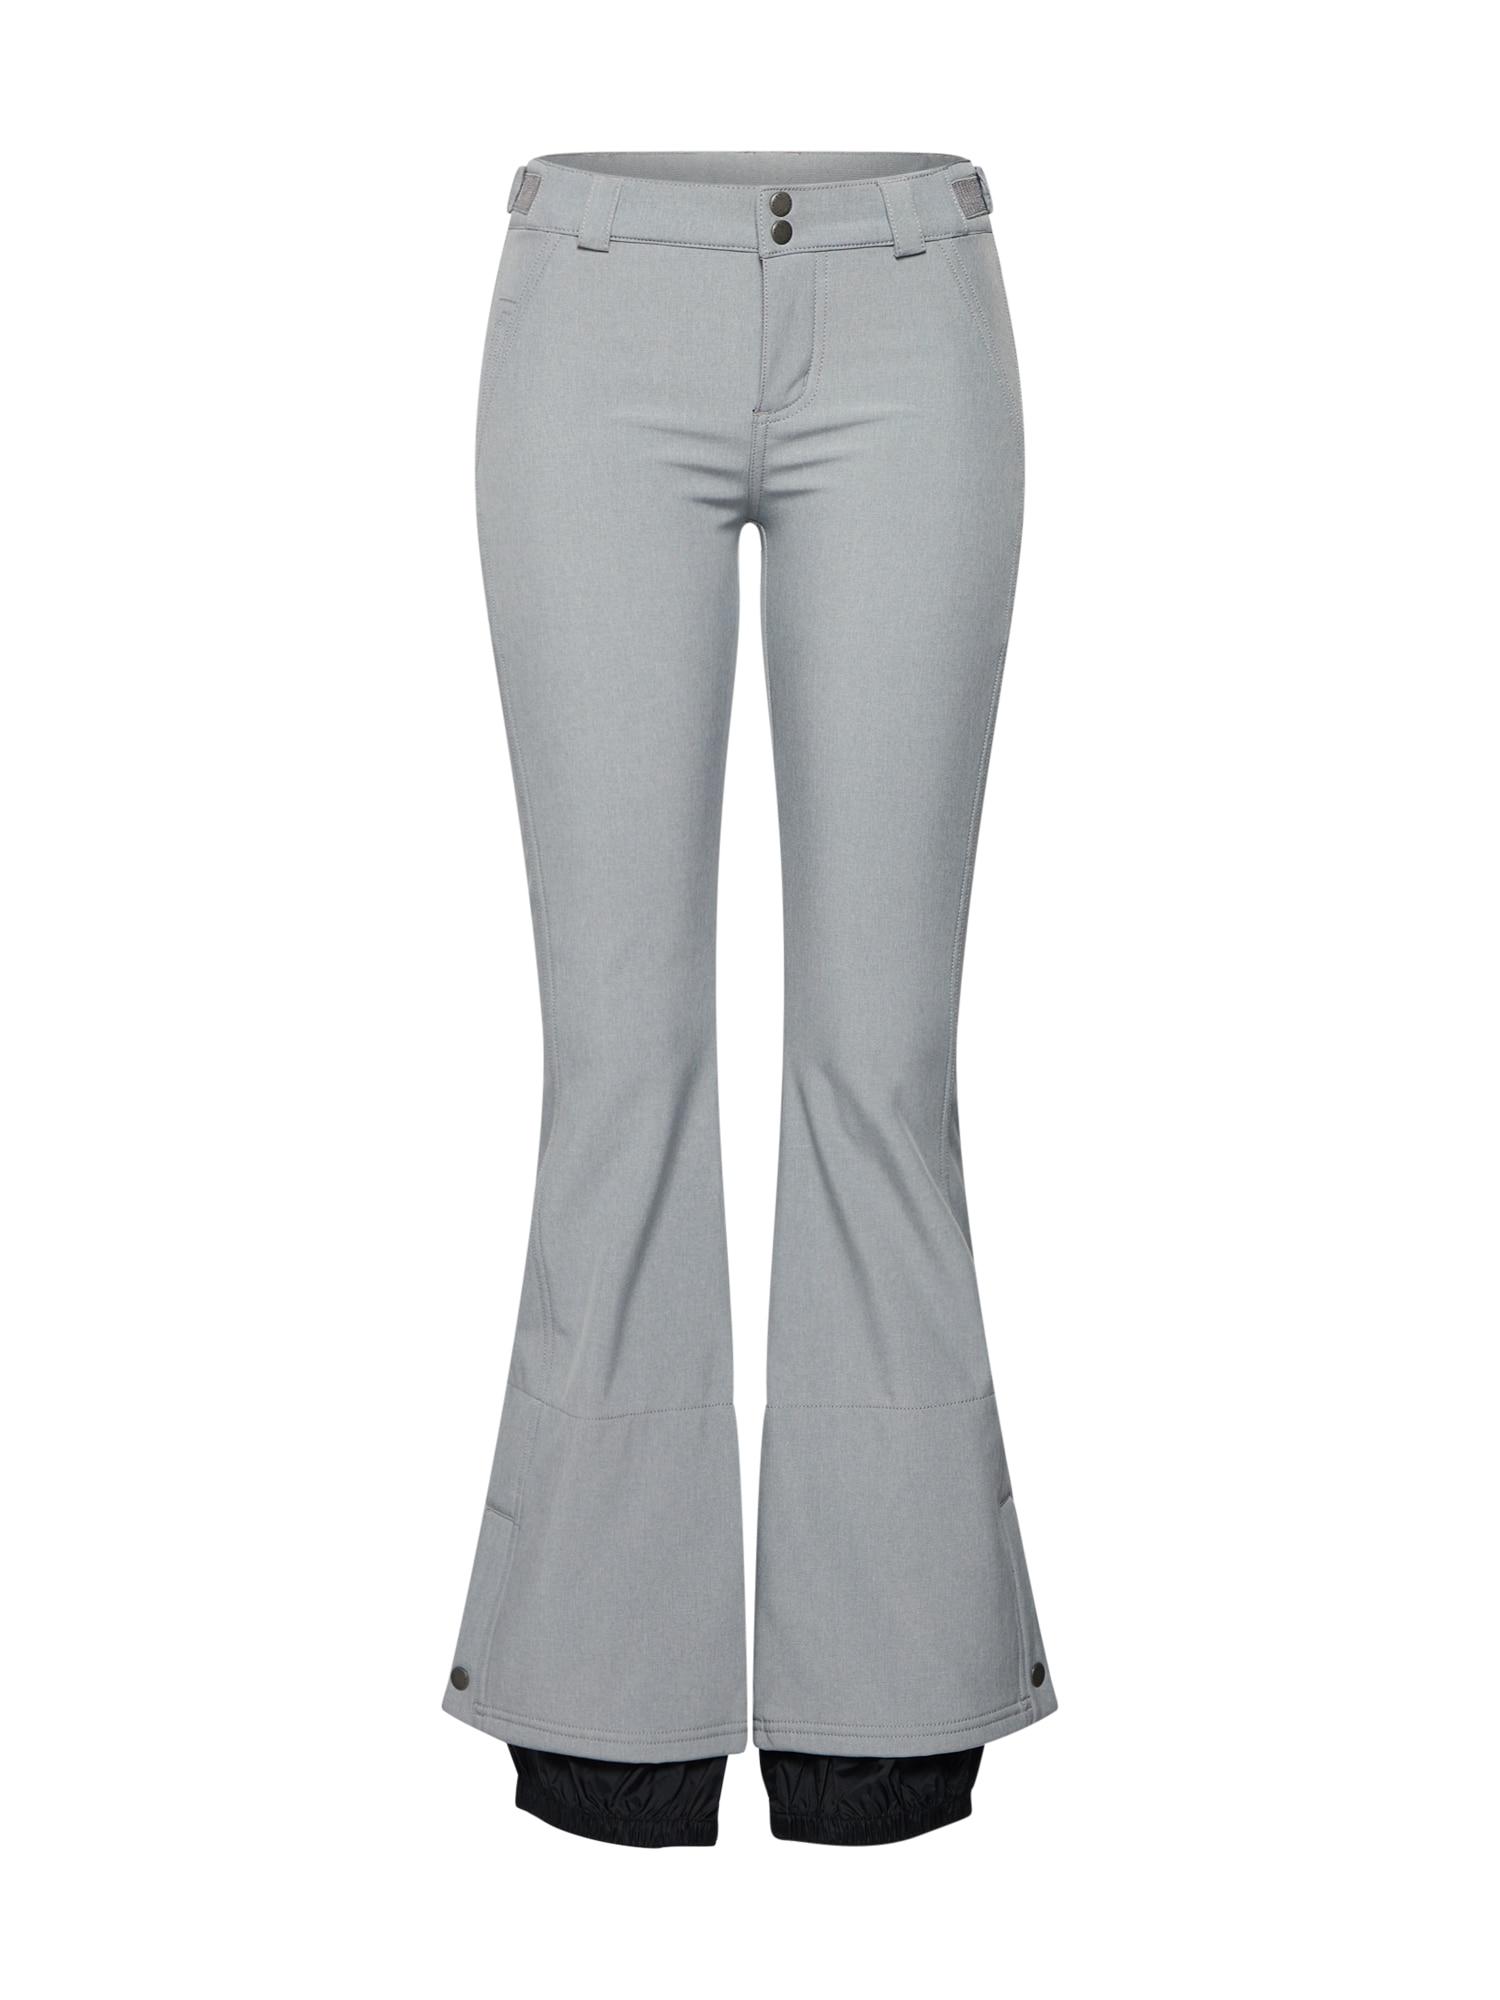 O'NEILL Sportinės kelnės 'Spell' sidabro pilka